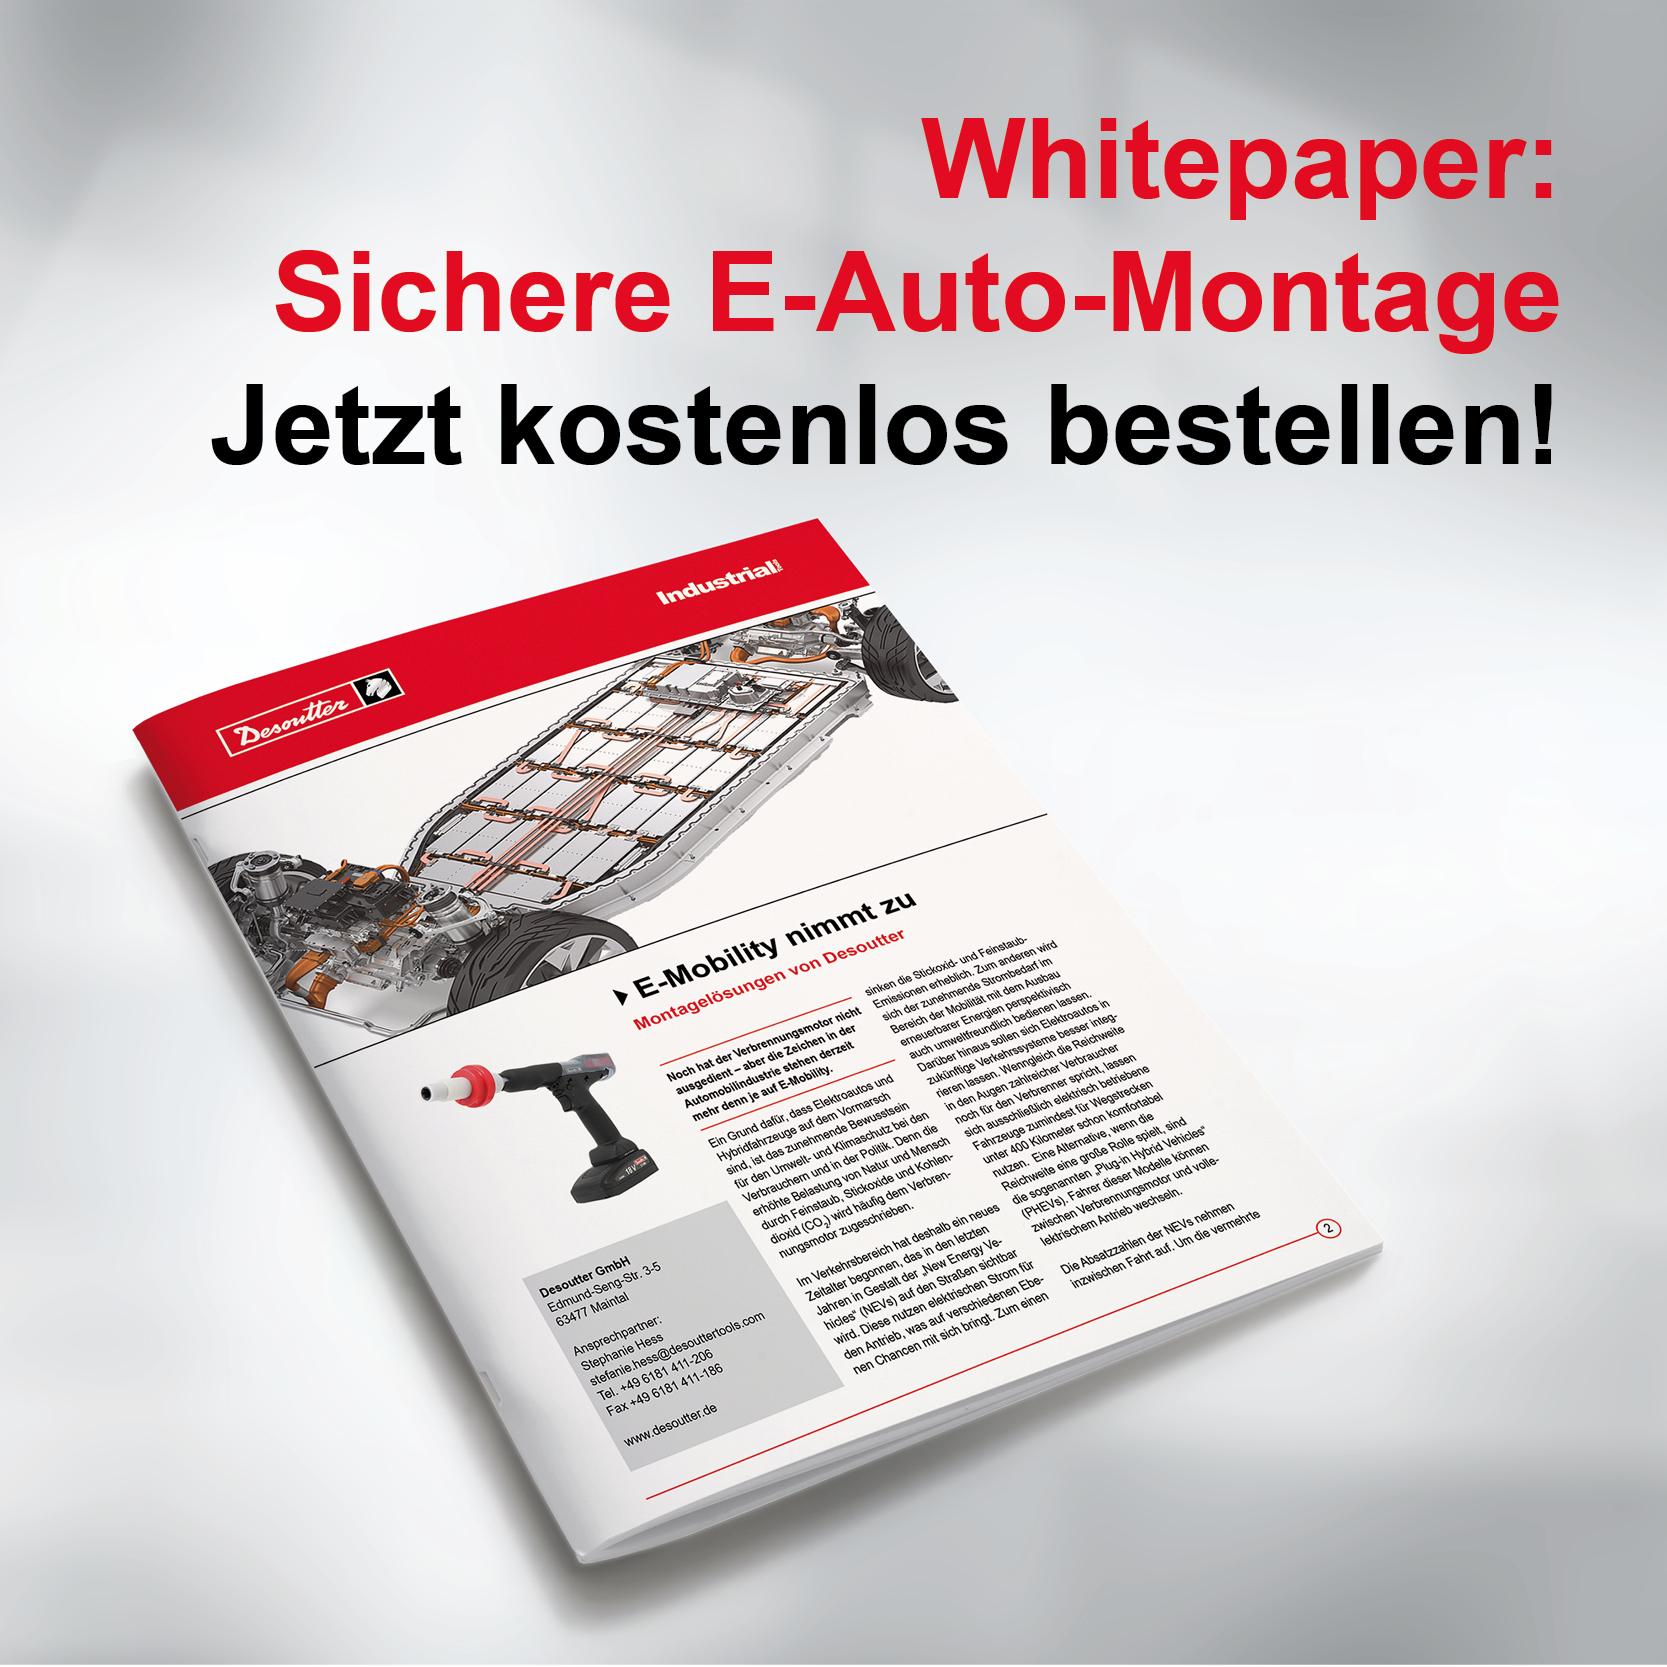 Jetzt Whitepaper herunterladen